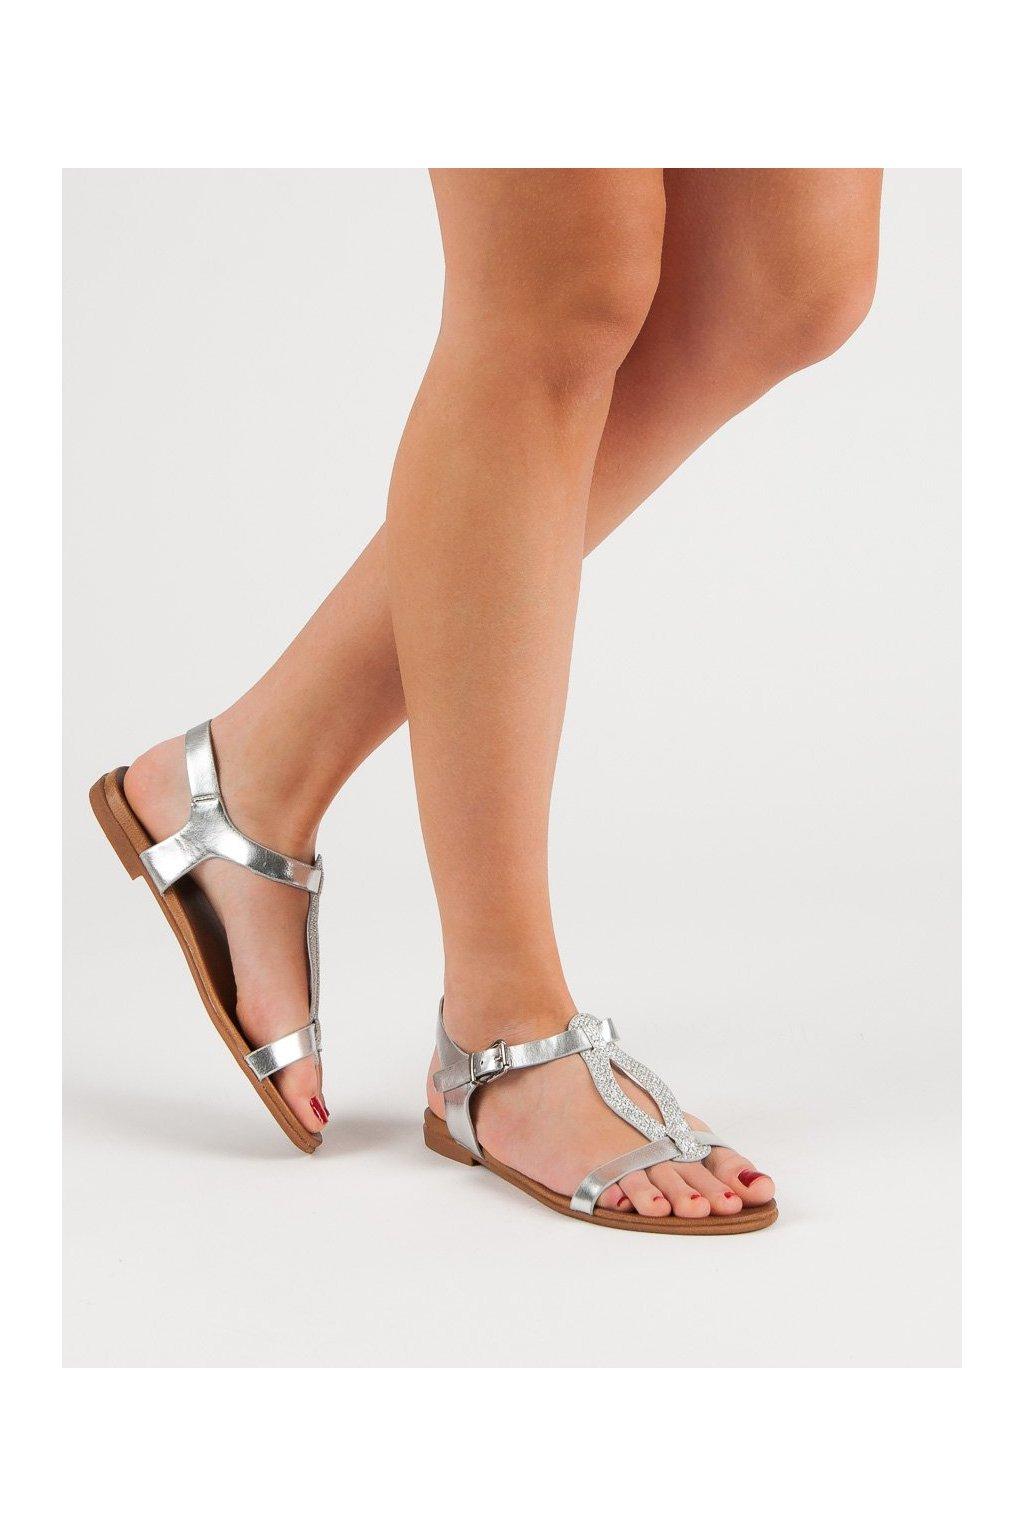 Sivé sandále s plochou podrážkou Filippo kod DS801/19S